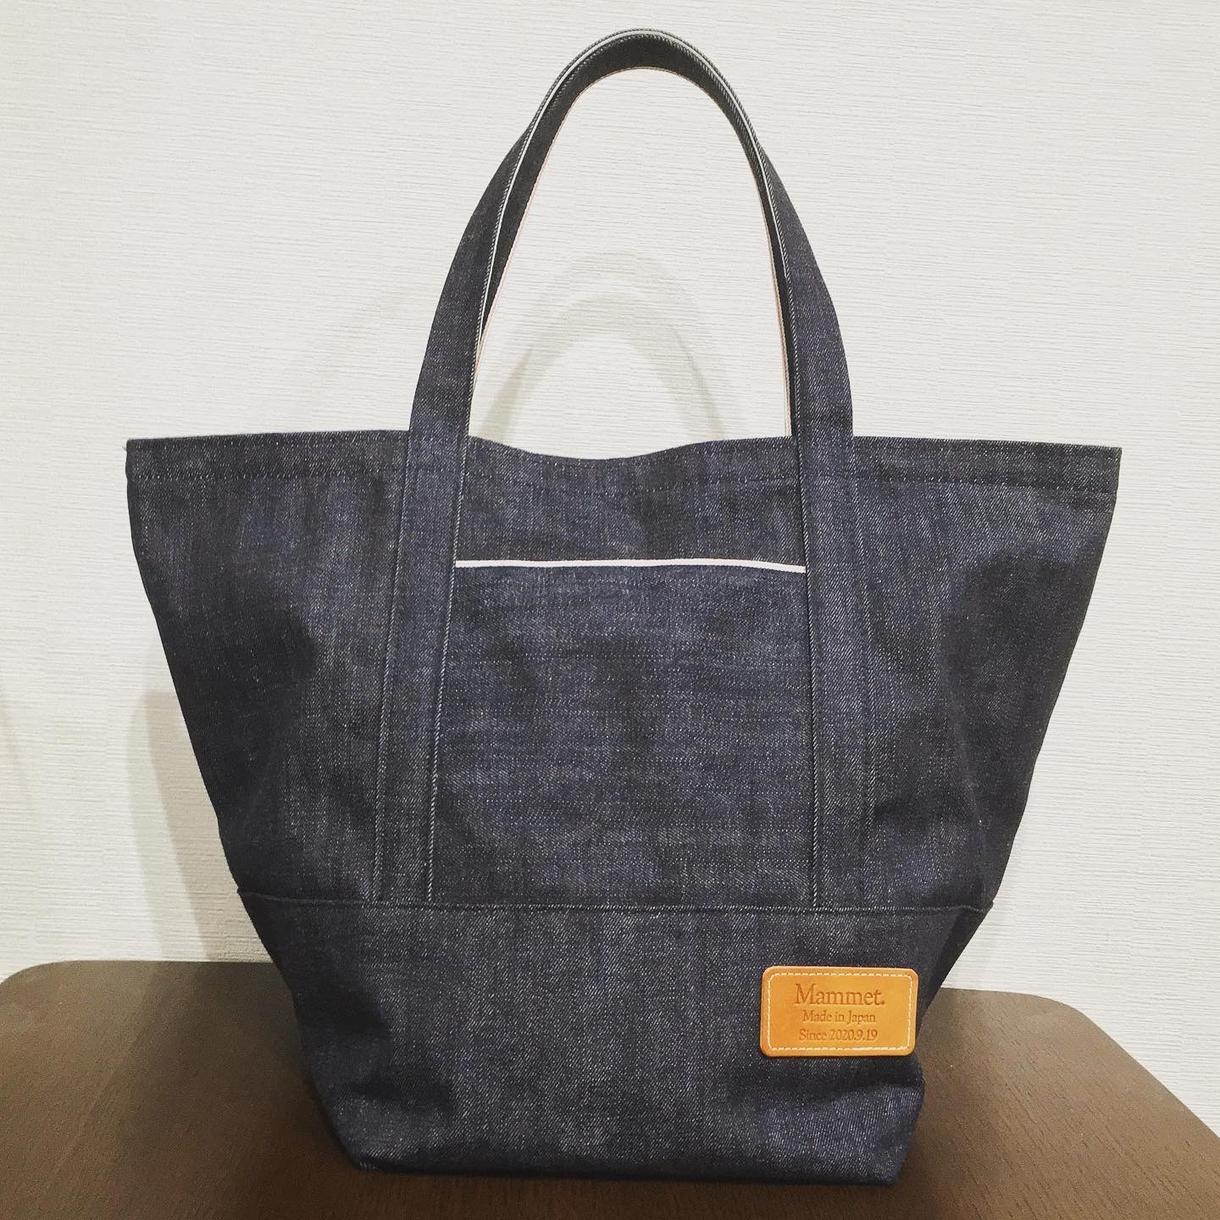 国産デニム生地を使用したオーダーバッグ等受付けます デニム素材を使用したバッグや小物、服等のオーダーメイド イメージ1